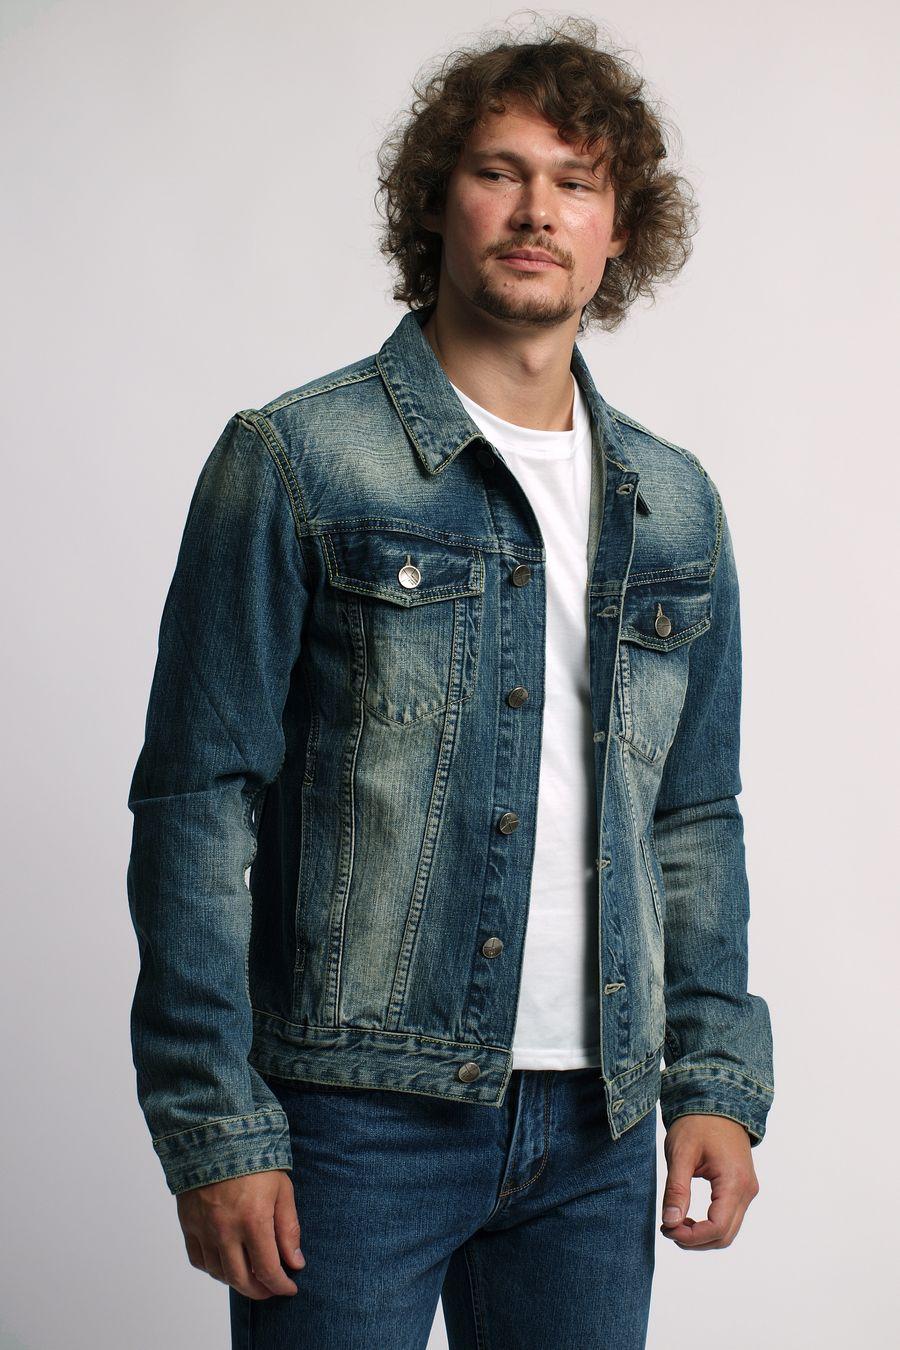 Пиджак мужской (джинсовка) Regass 87168/05 - фото 1